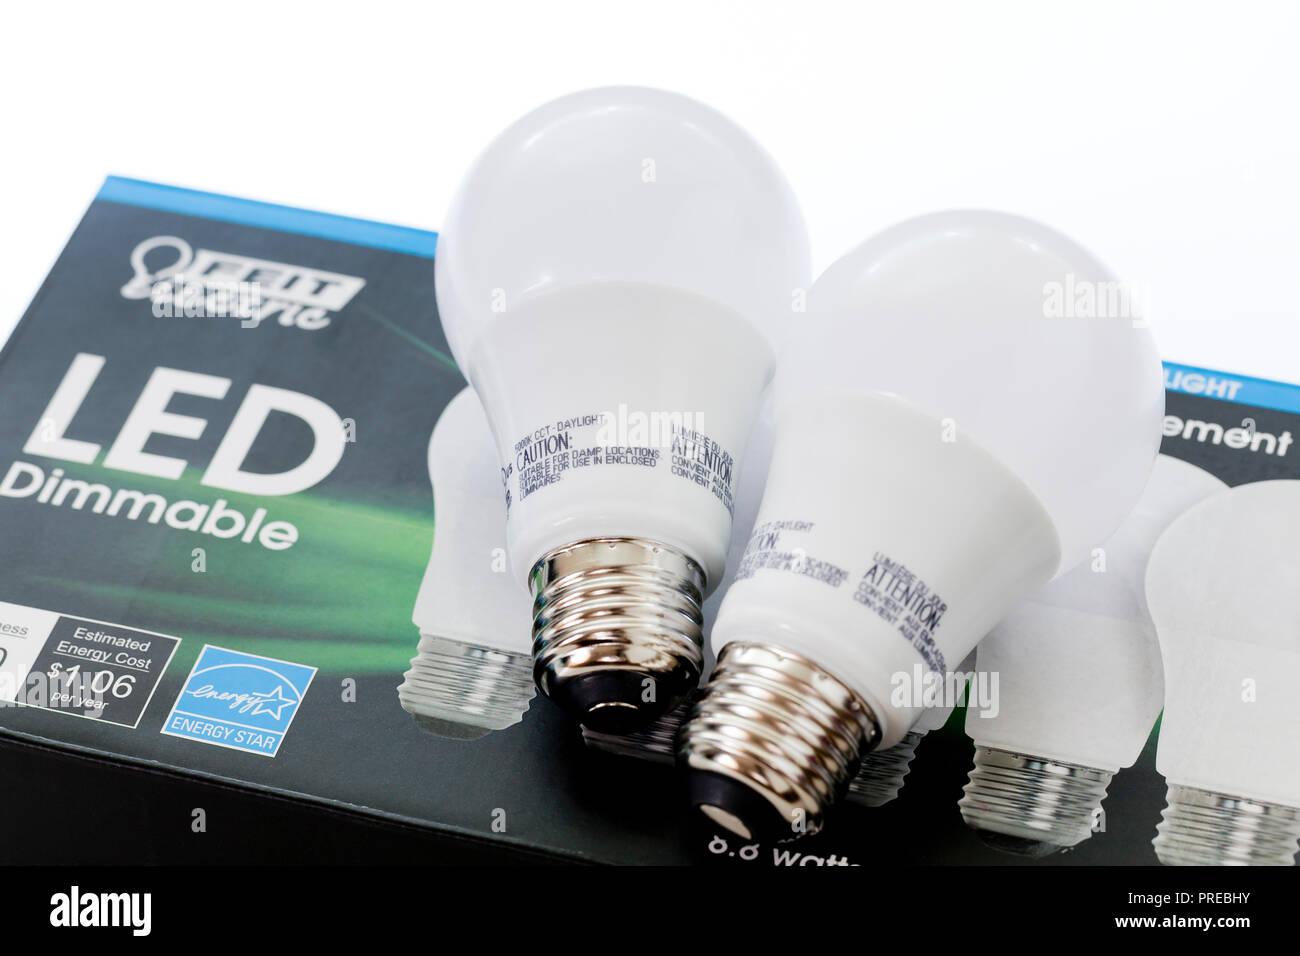 LED light bulbs - USA - Stock Image